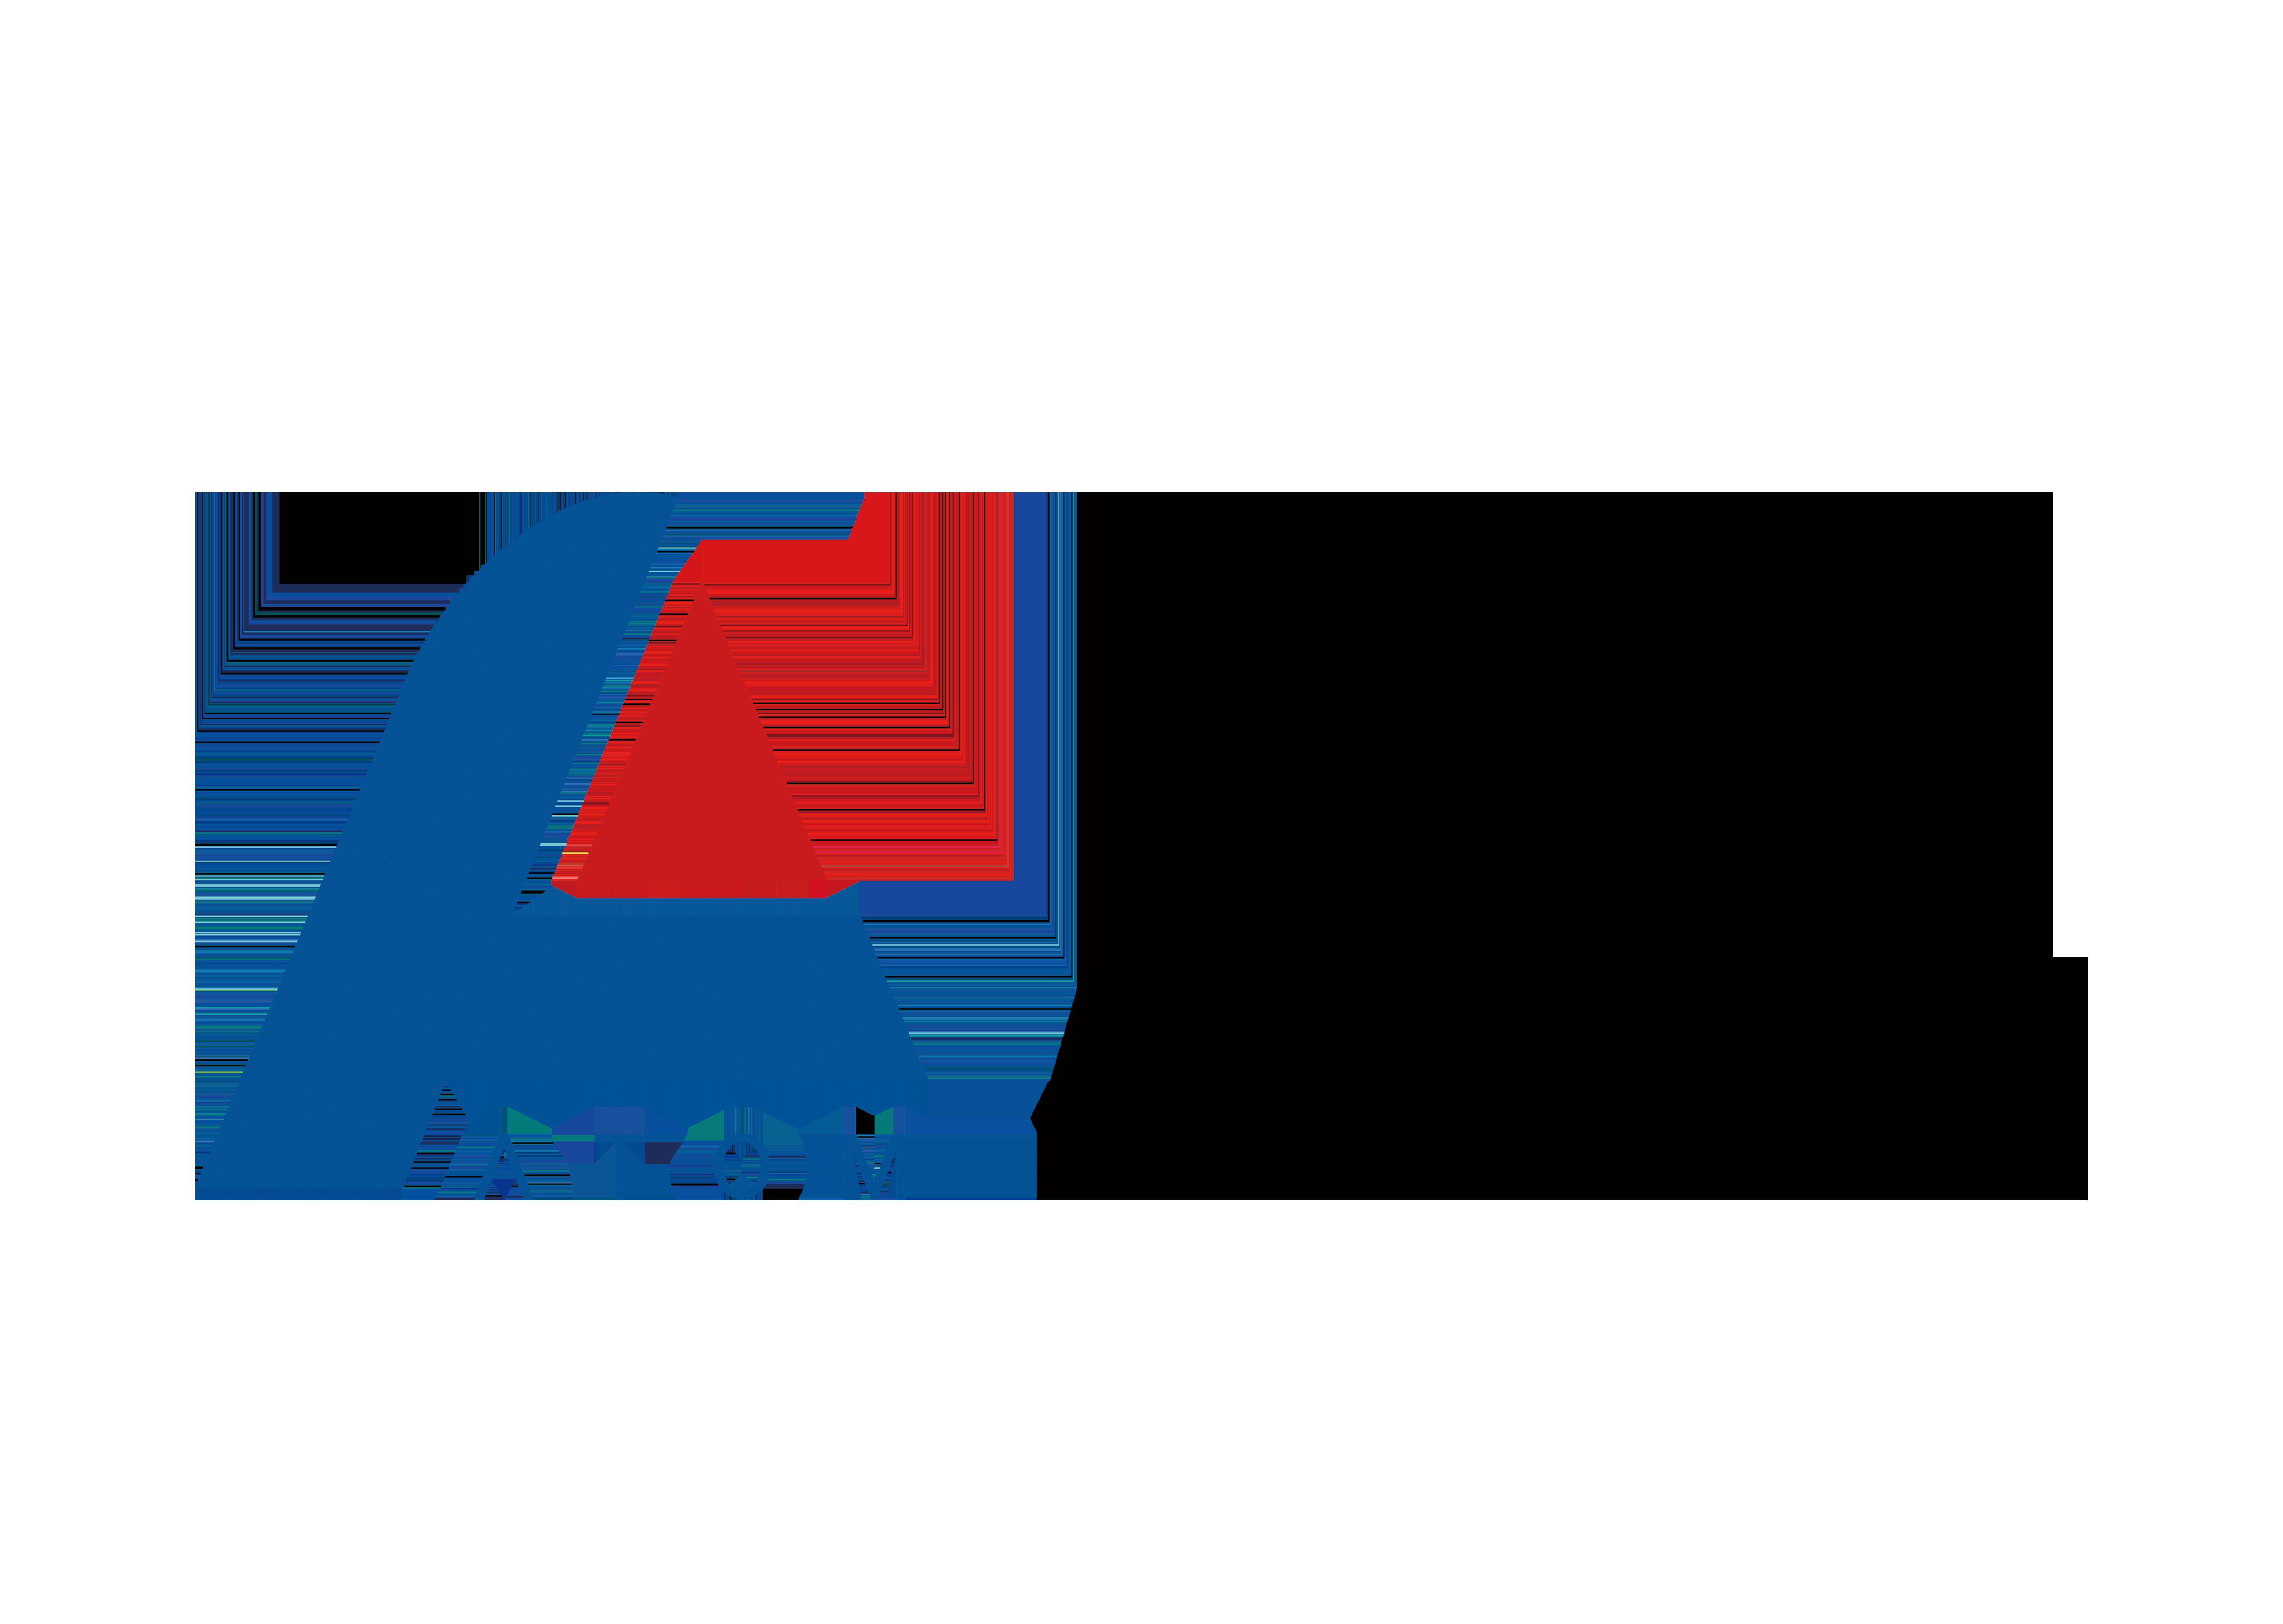 ATOM_ICE_ENERGY_v2-1